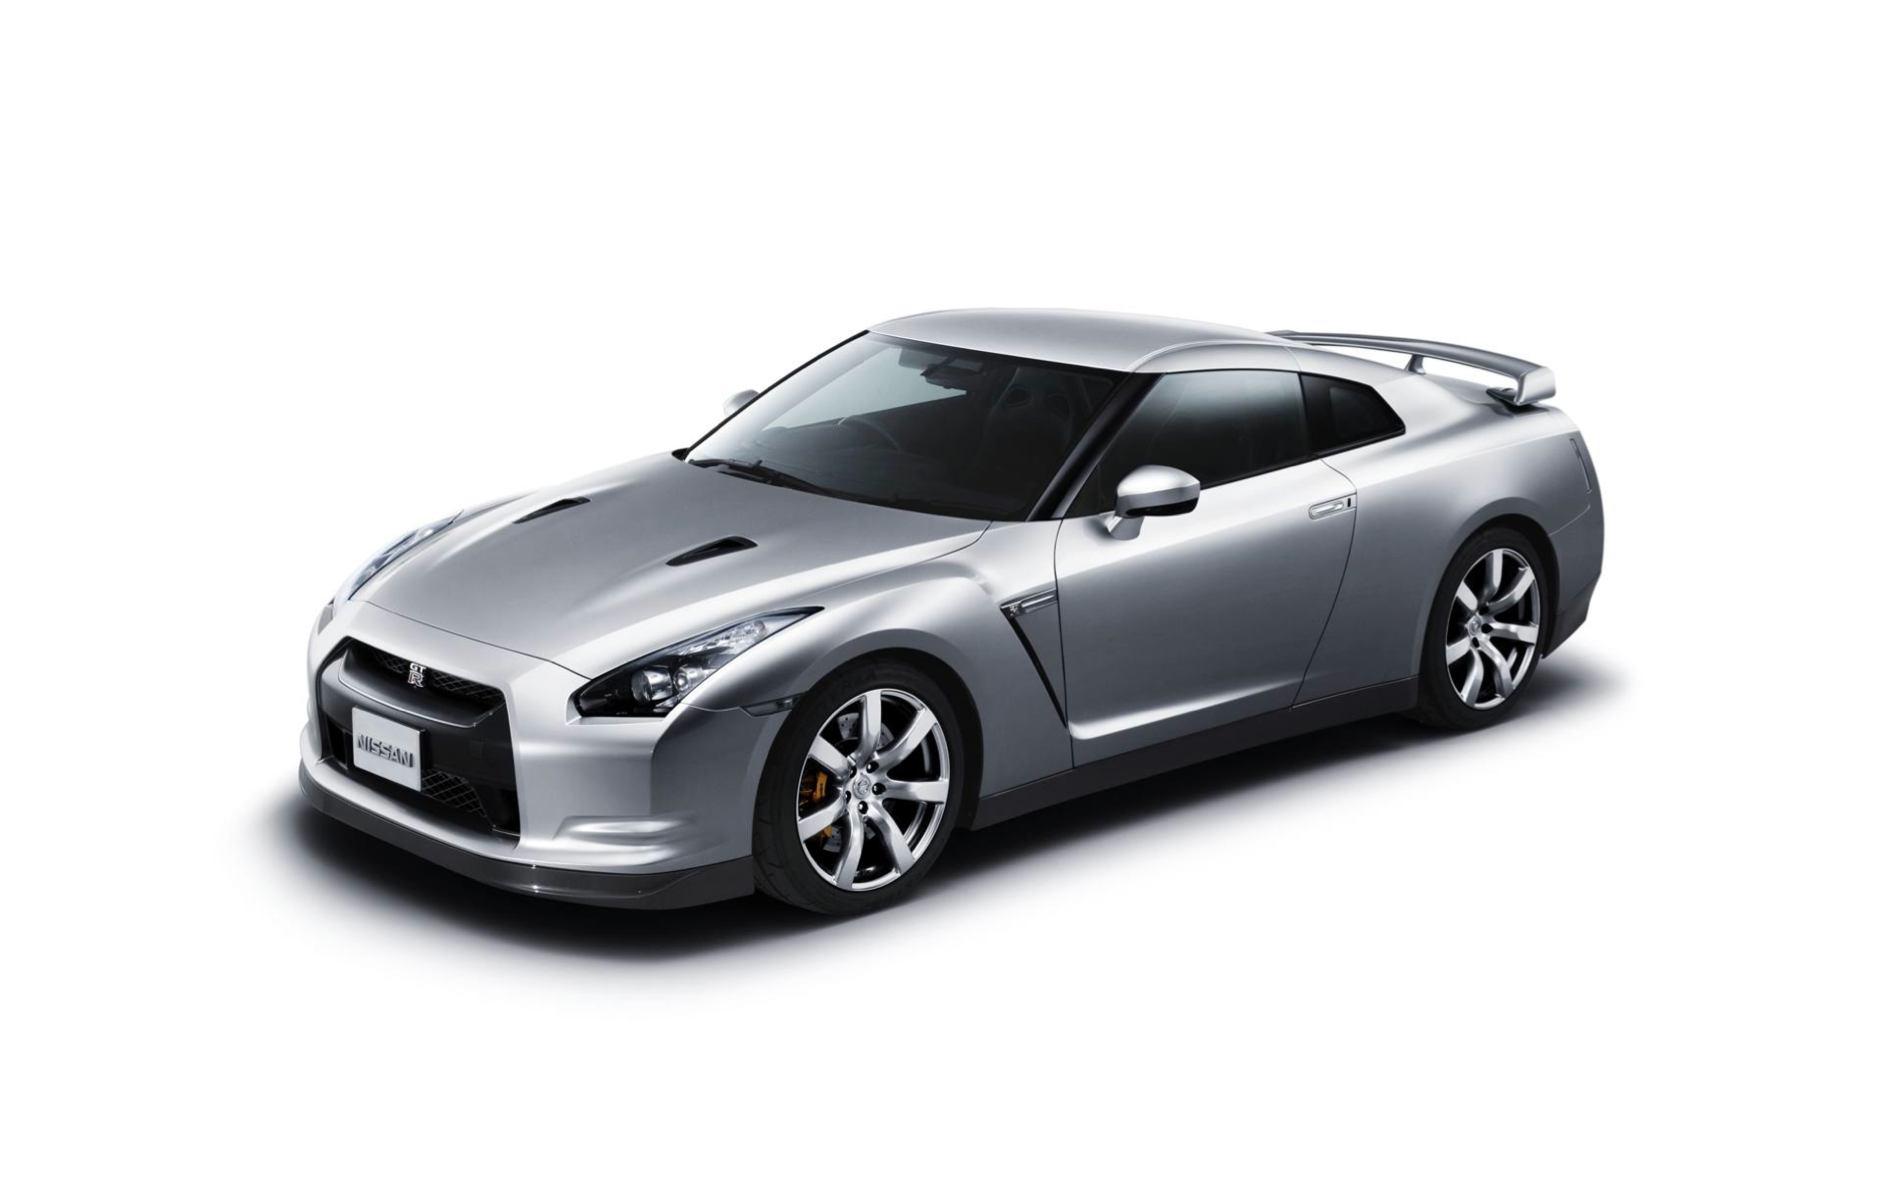 Les nouvelles photos de : Skyline-GT-R